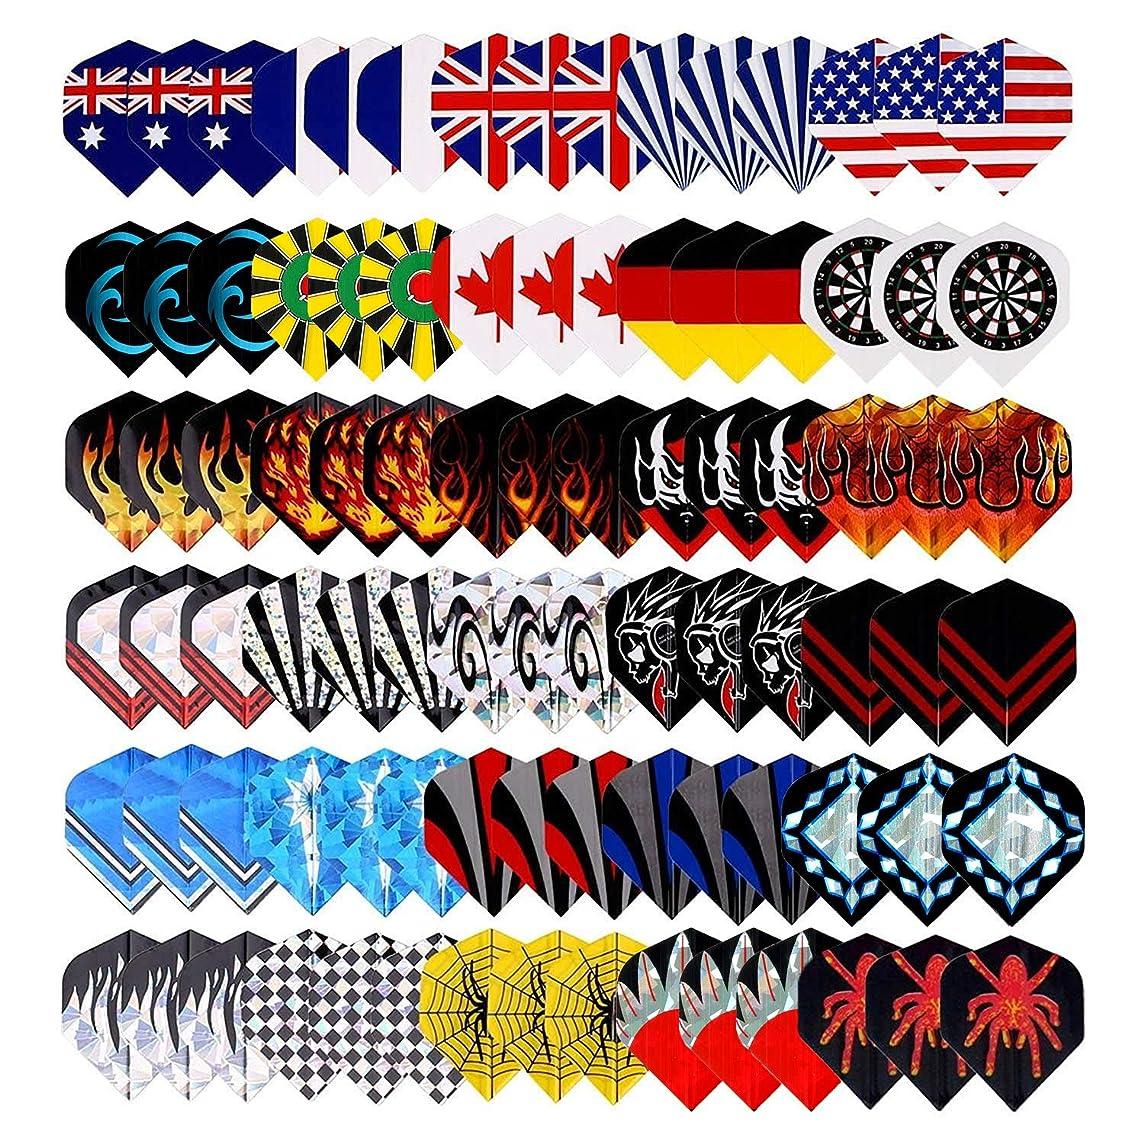 25 Sets(75Pcs) Long Life Durable Nylon Dart Flights Sets Wholesale National Flag Rich Variety Of Cool Styles Bling Long Life Laser Darts Flights